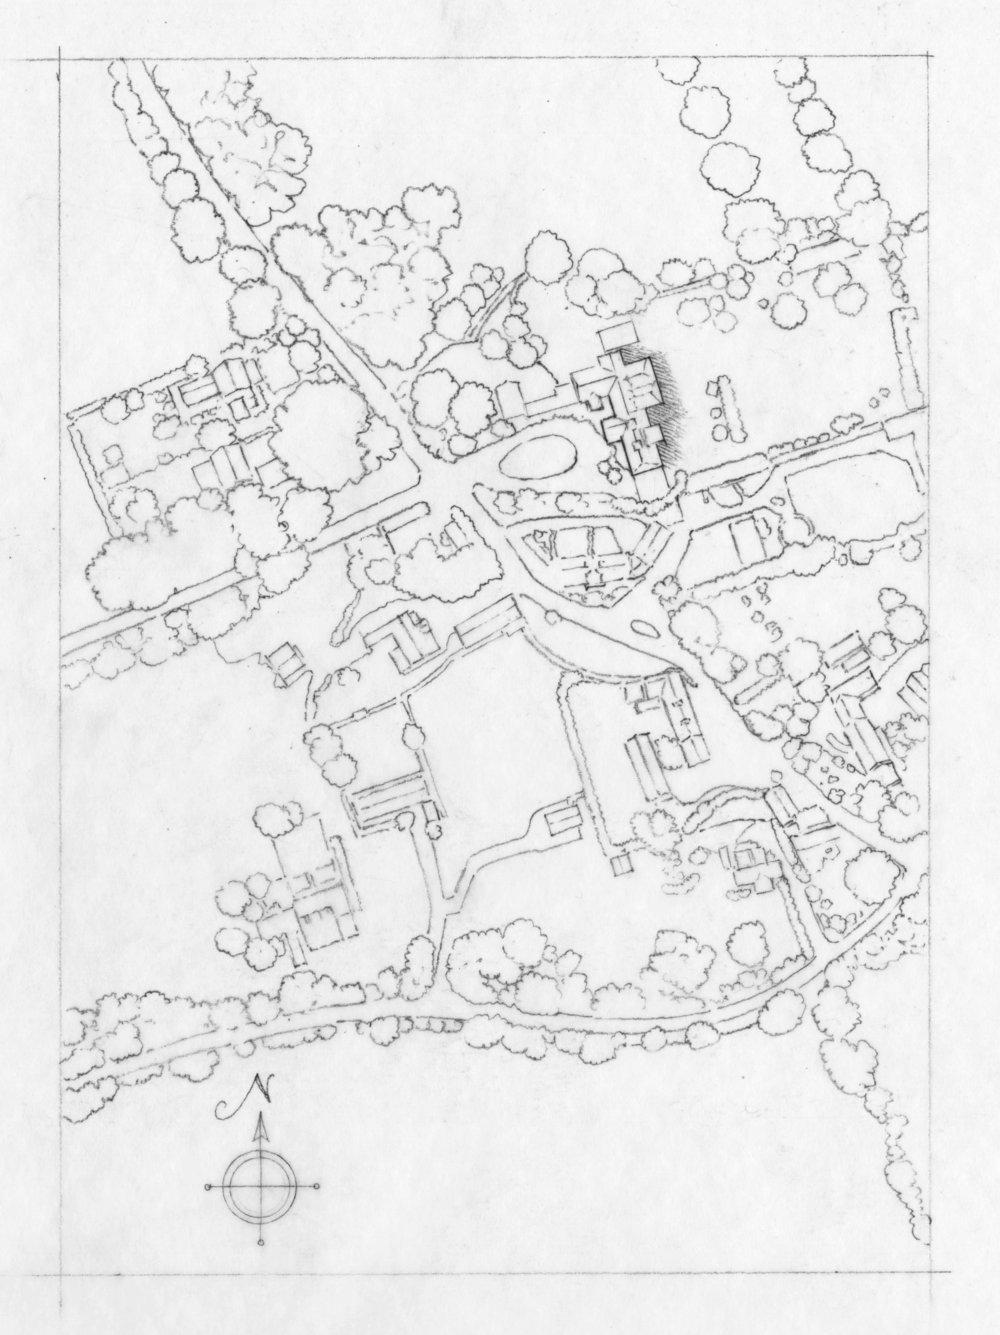 Mauresbury map revised sketch 002.jpg